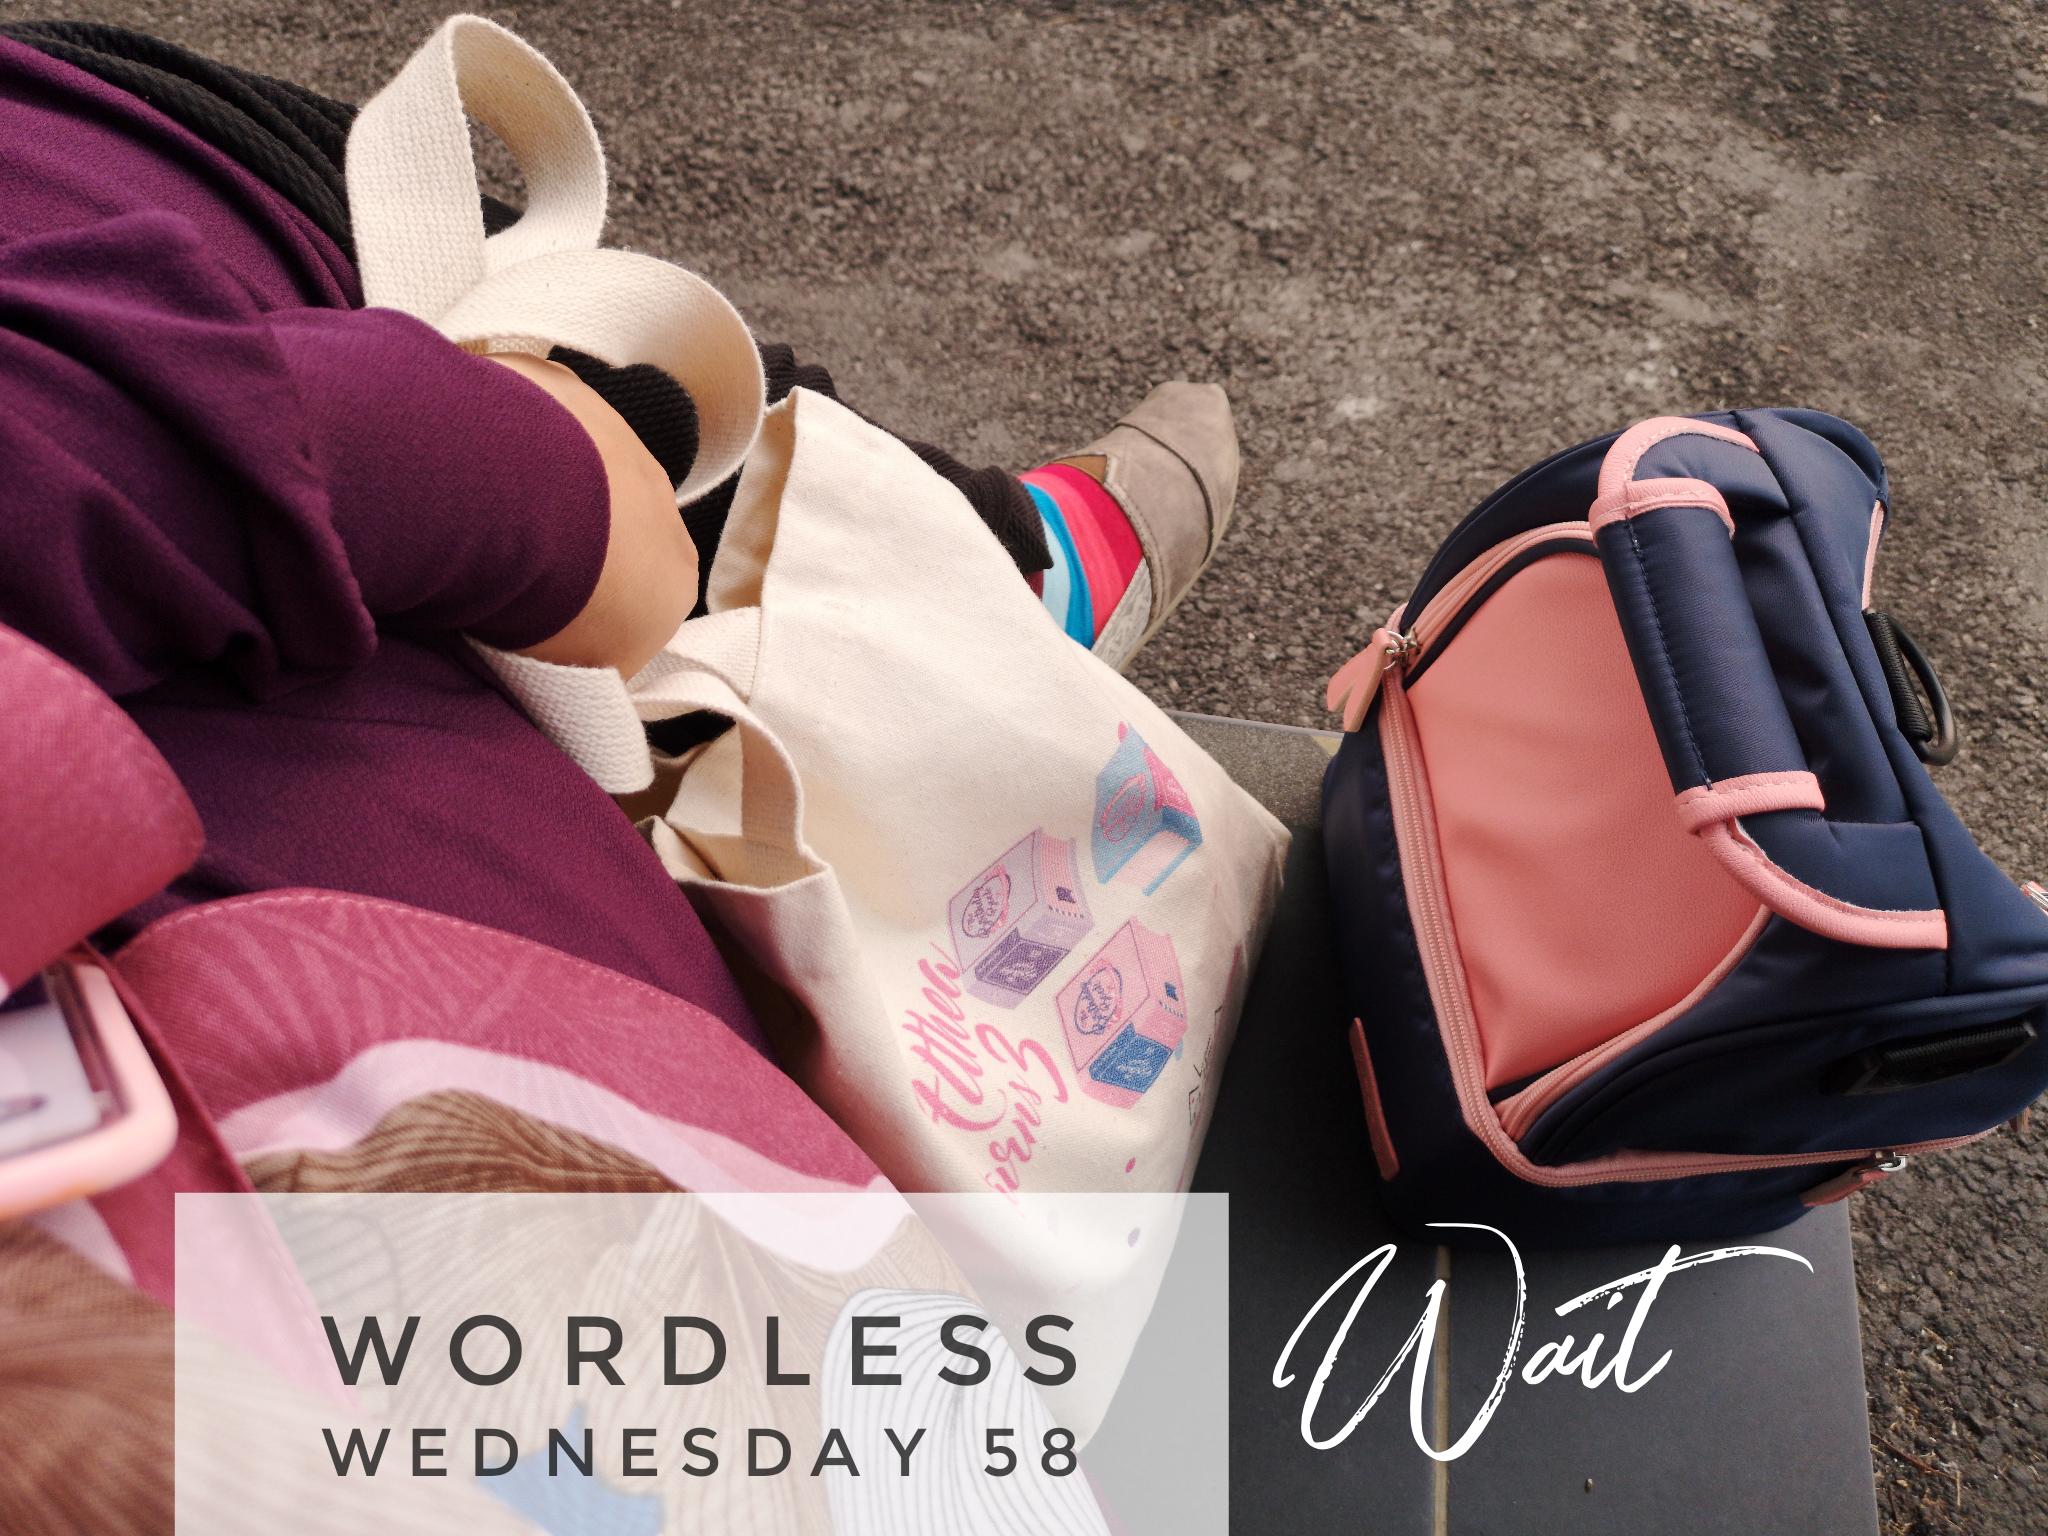 Wordless Wednesday 58 – Wait